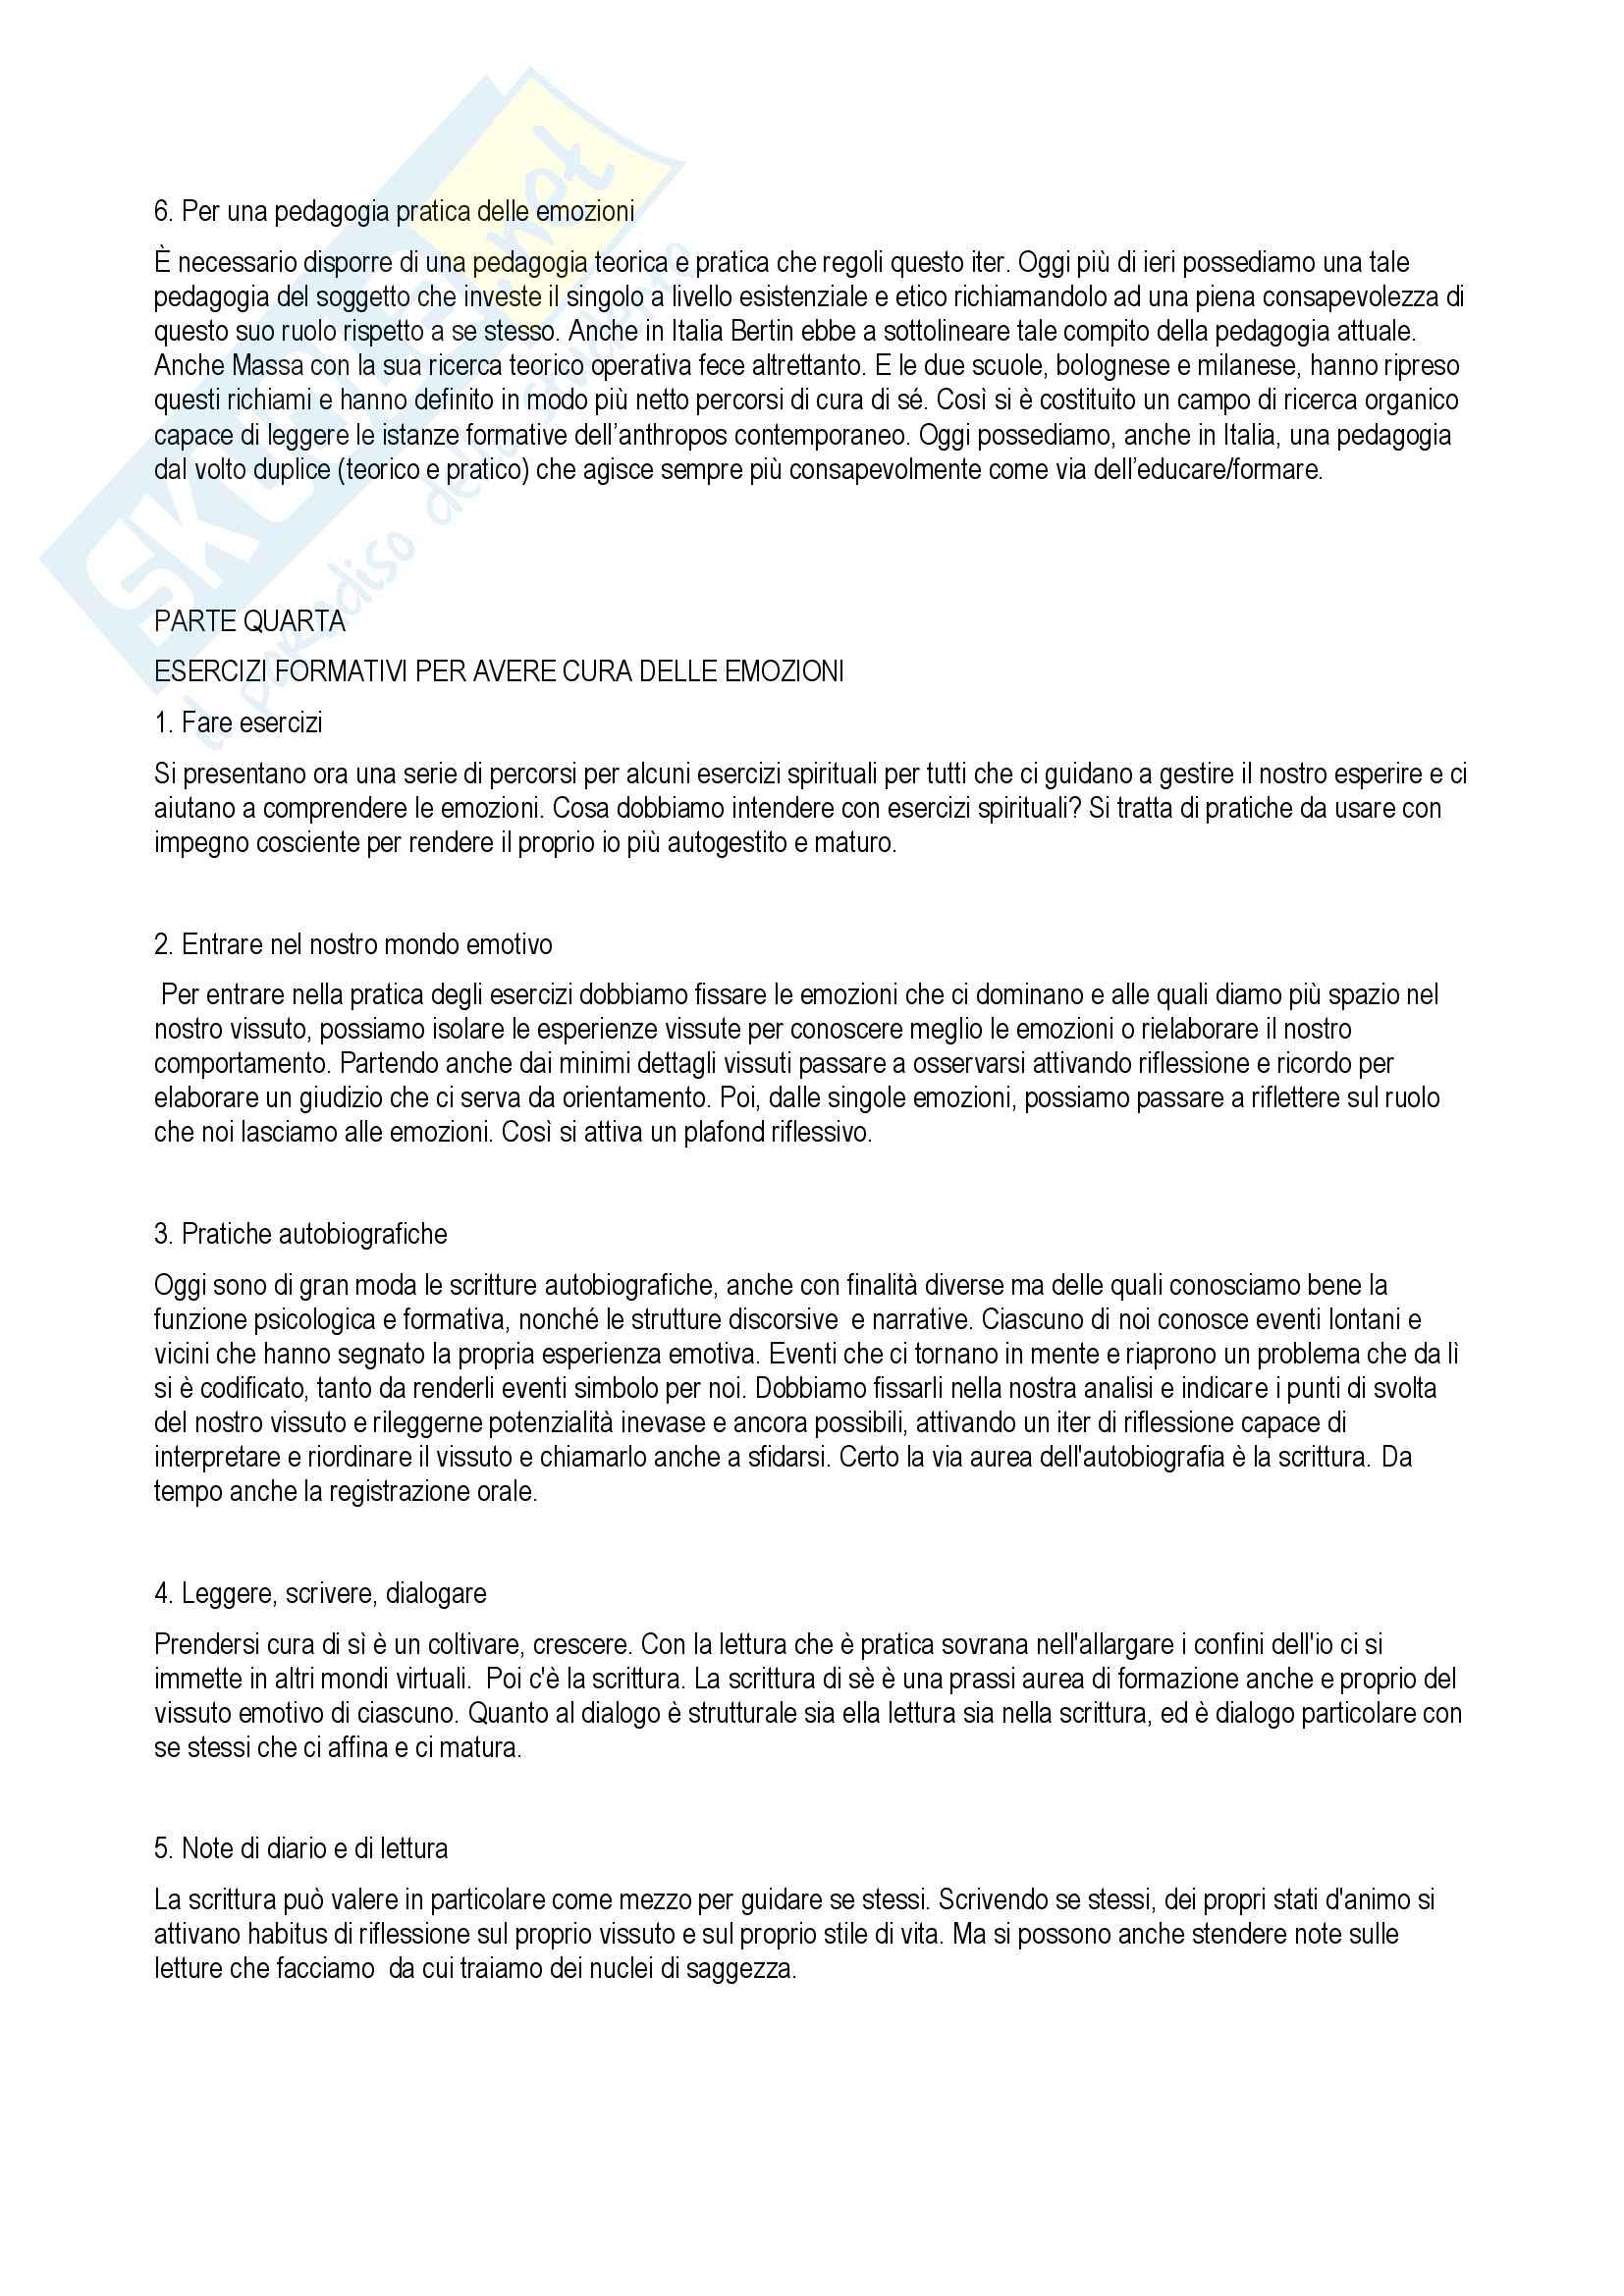 """Riassunto esame Pedagogia della famiglia, docente Certini, libro consigliato """" La forza delle emozioni: per la cura di sé""""  autore Franco Cambi Pag. 6"""